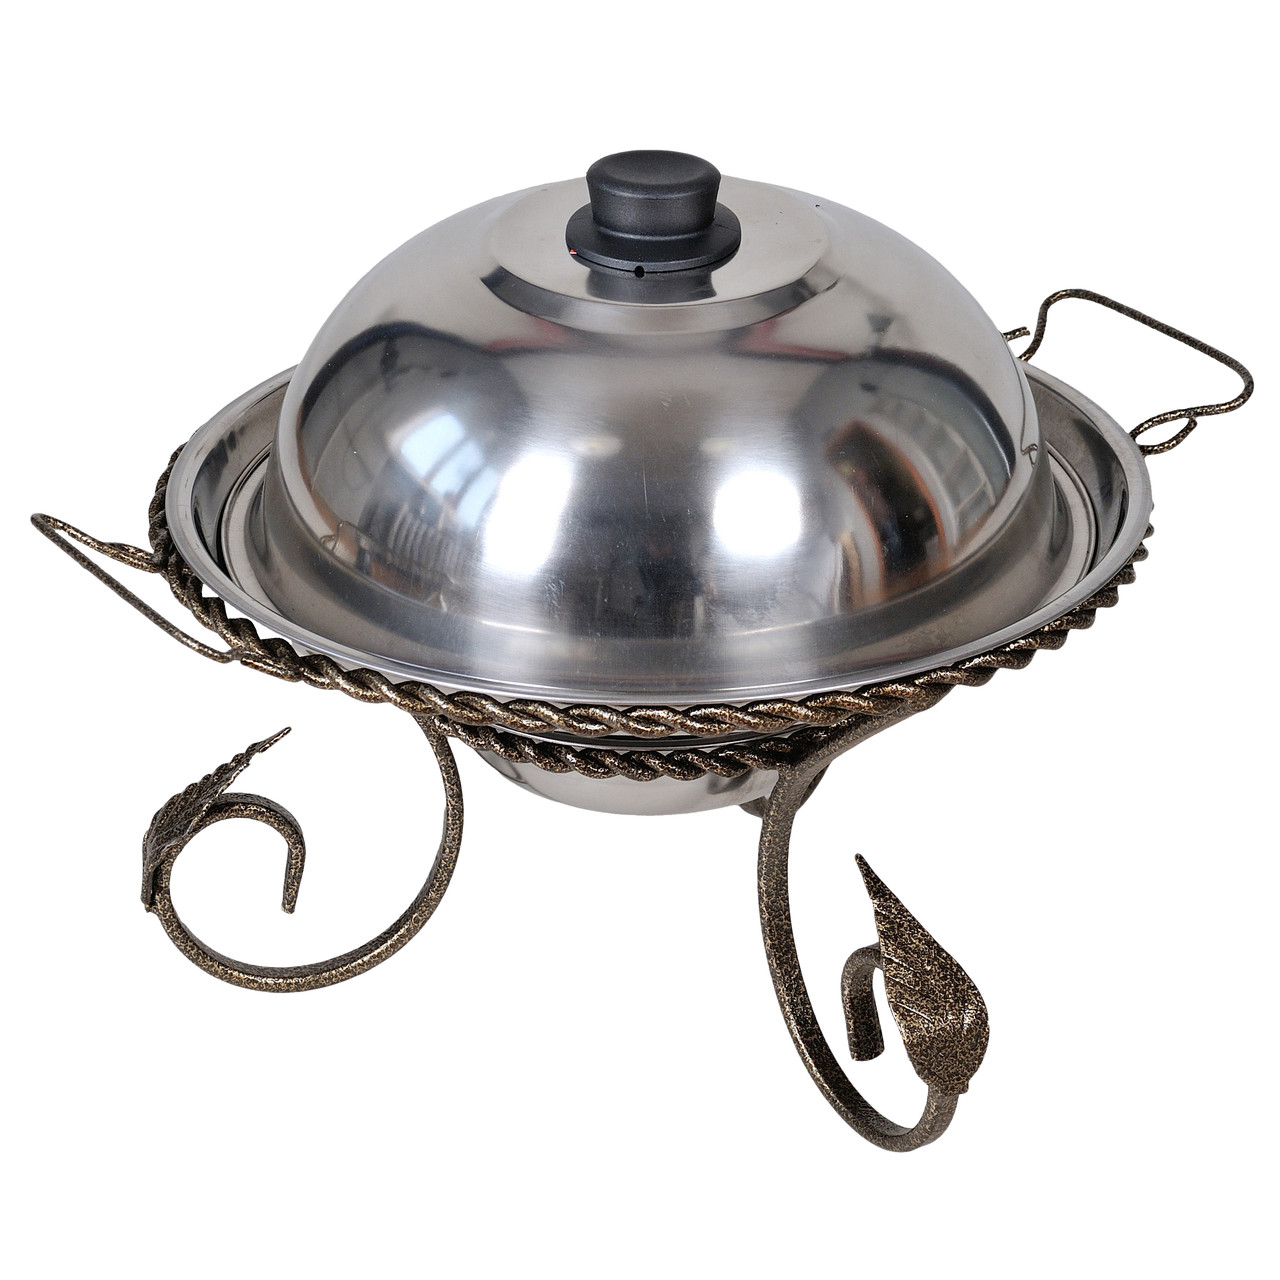 Подставка для подогрева мяса шашлыка Садж с коваными элементами 360 мм + крышка